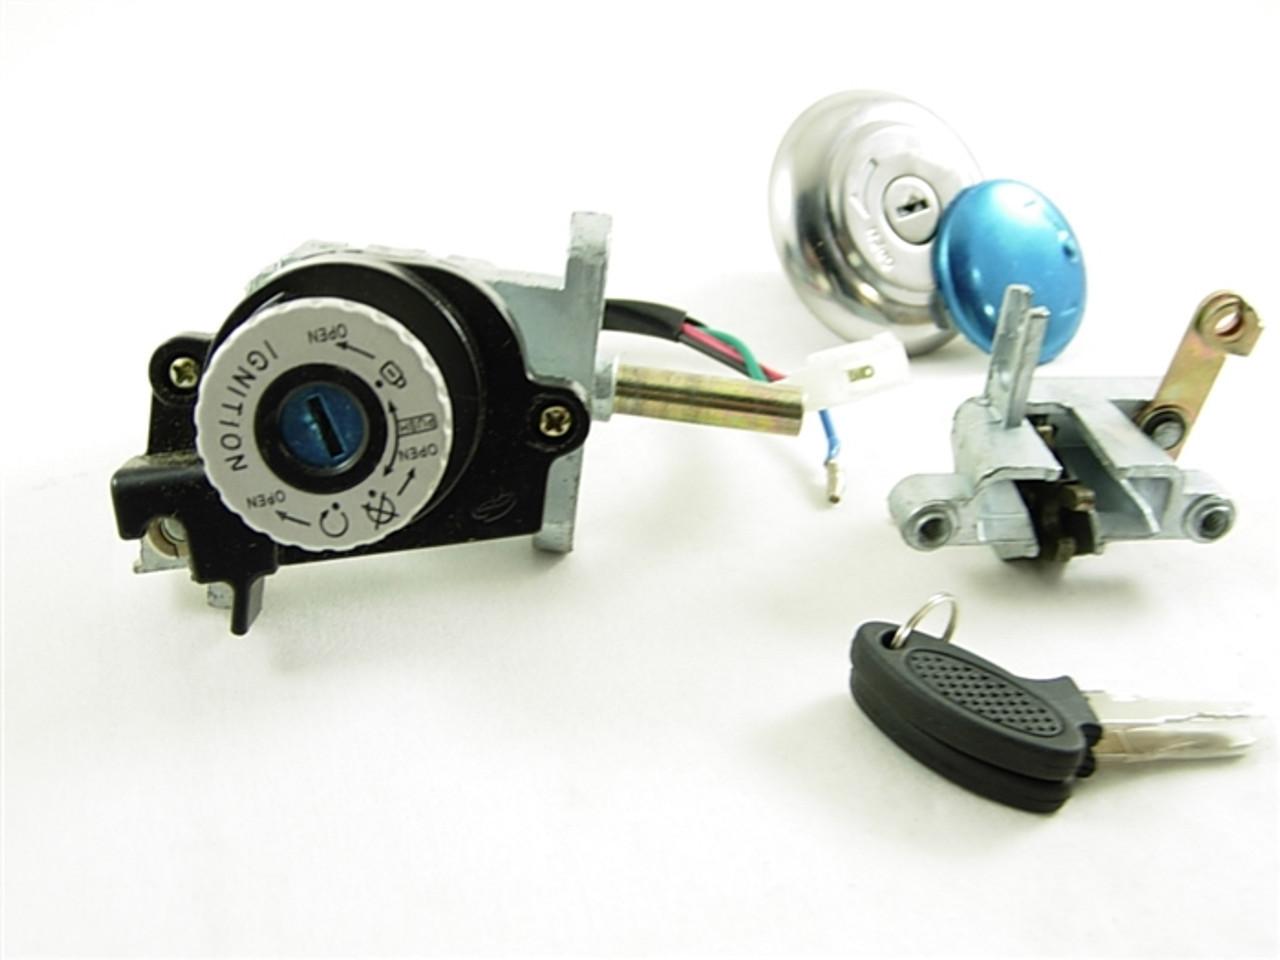 ignition /key switch 11036-a58-10